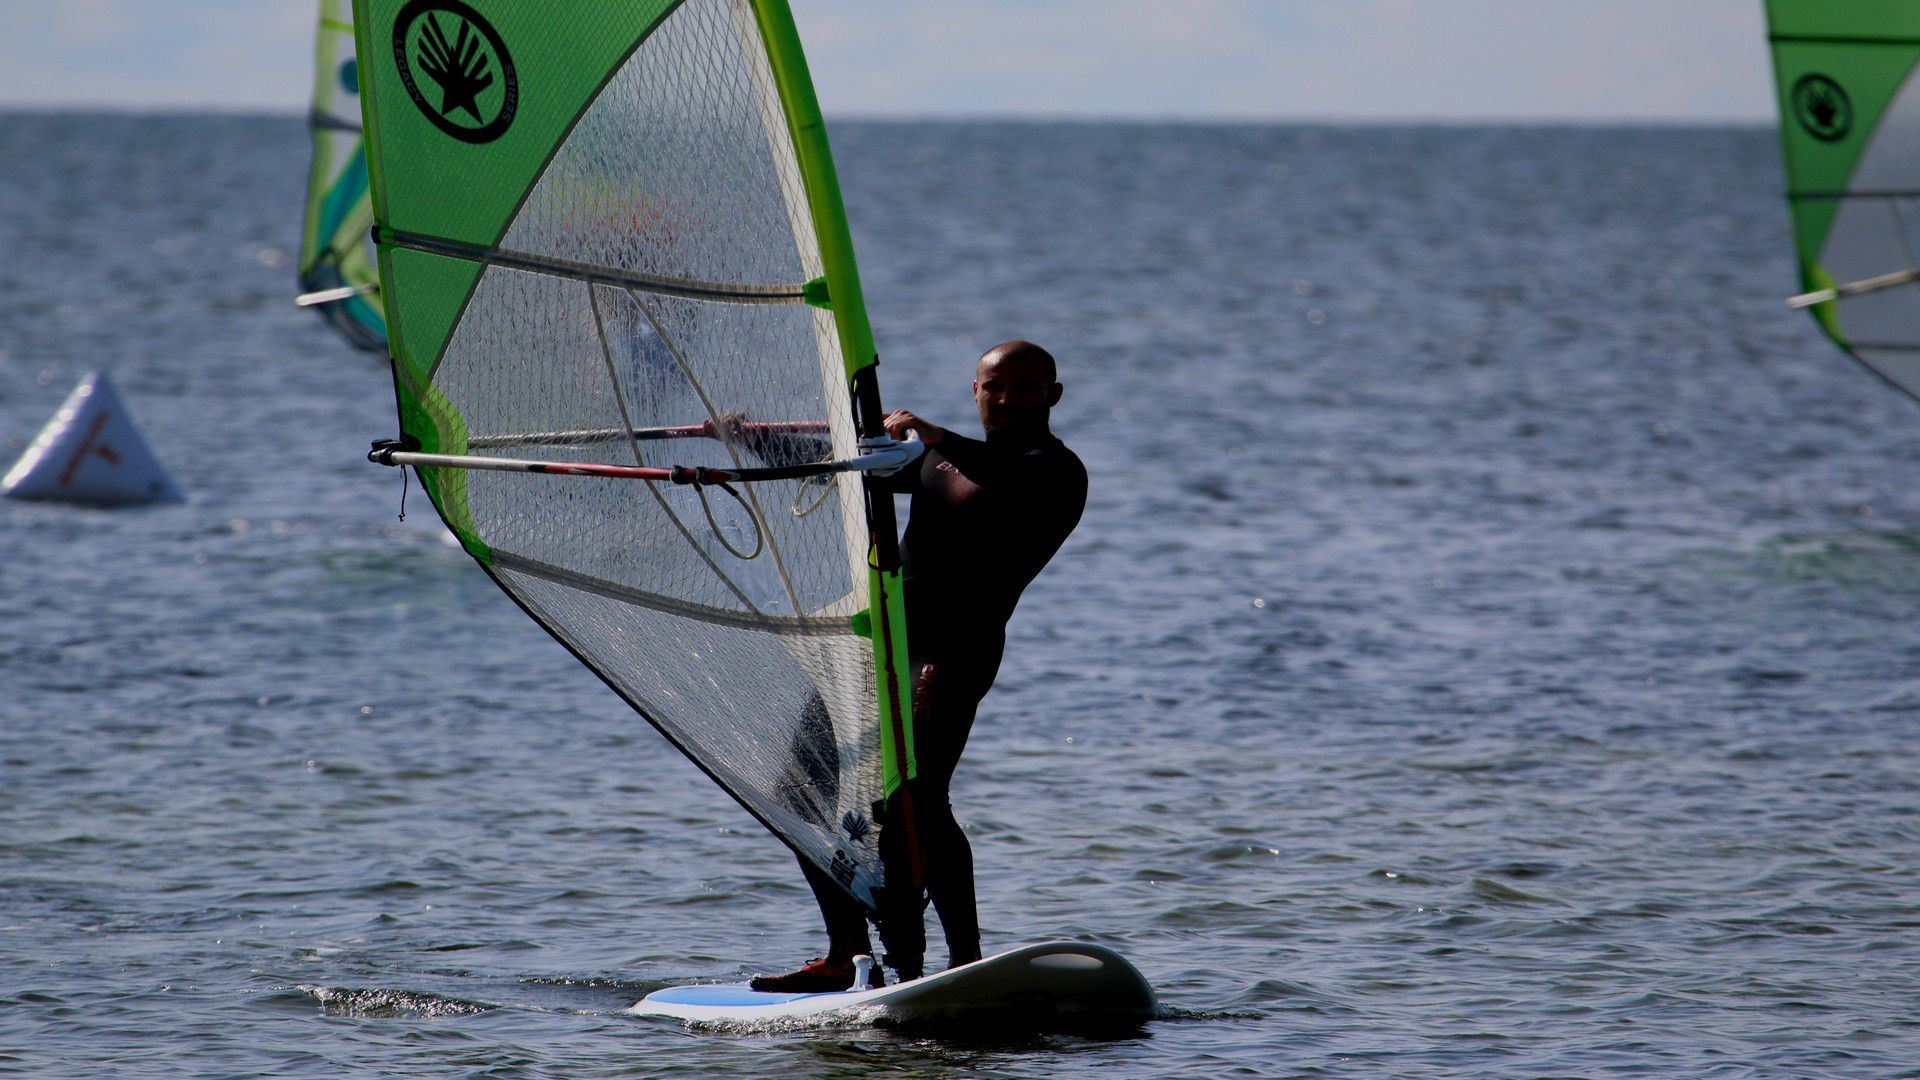 windsurfing_baner_1